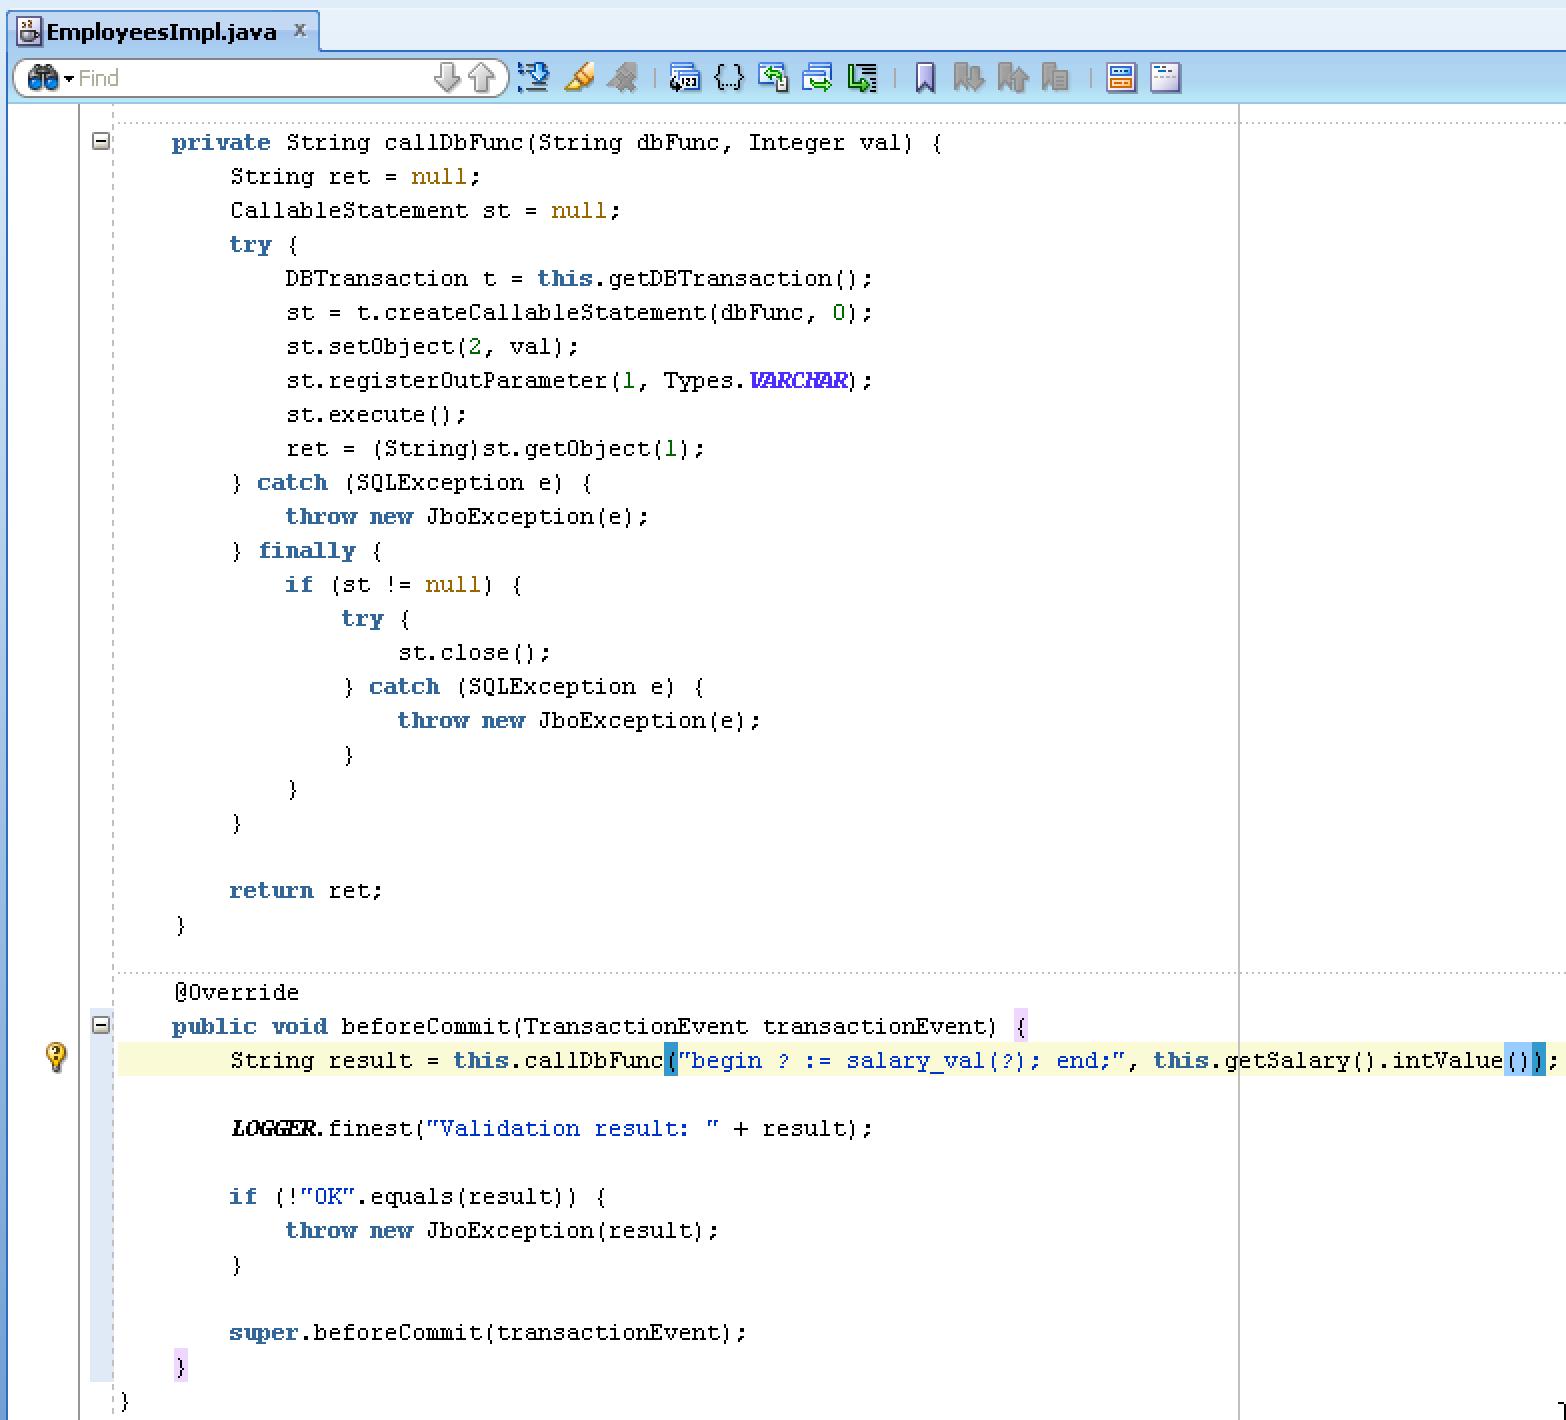 function pl sql: